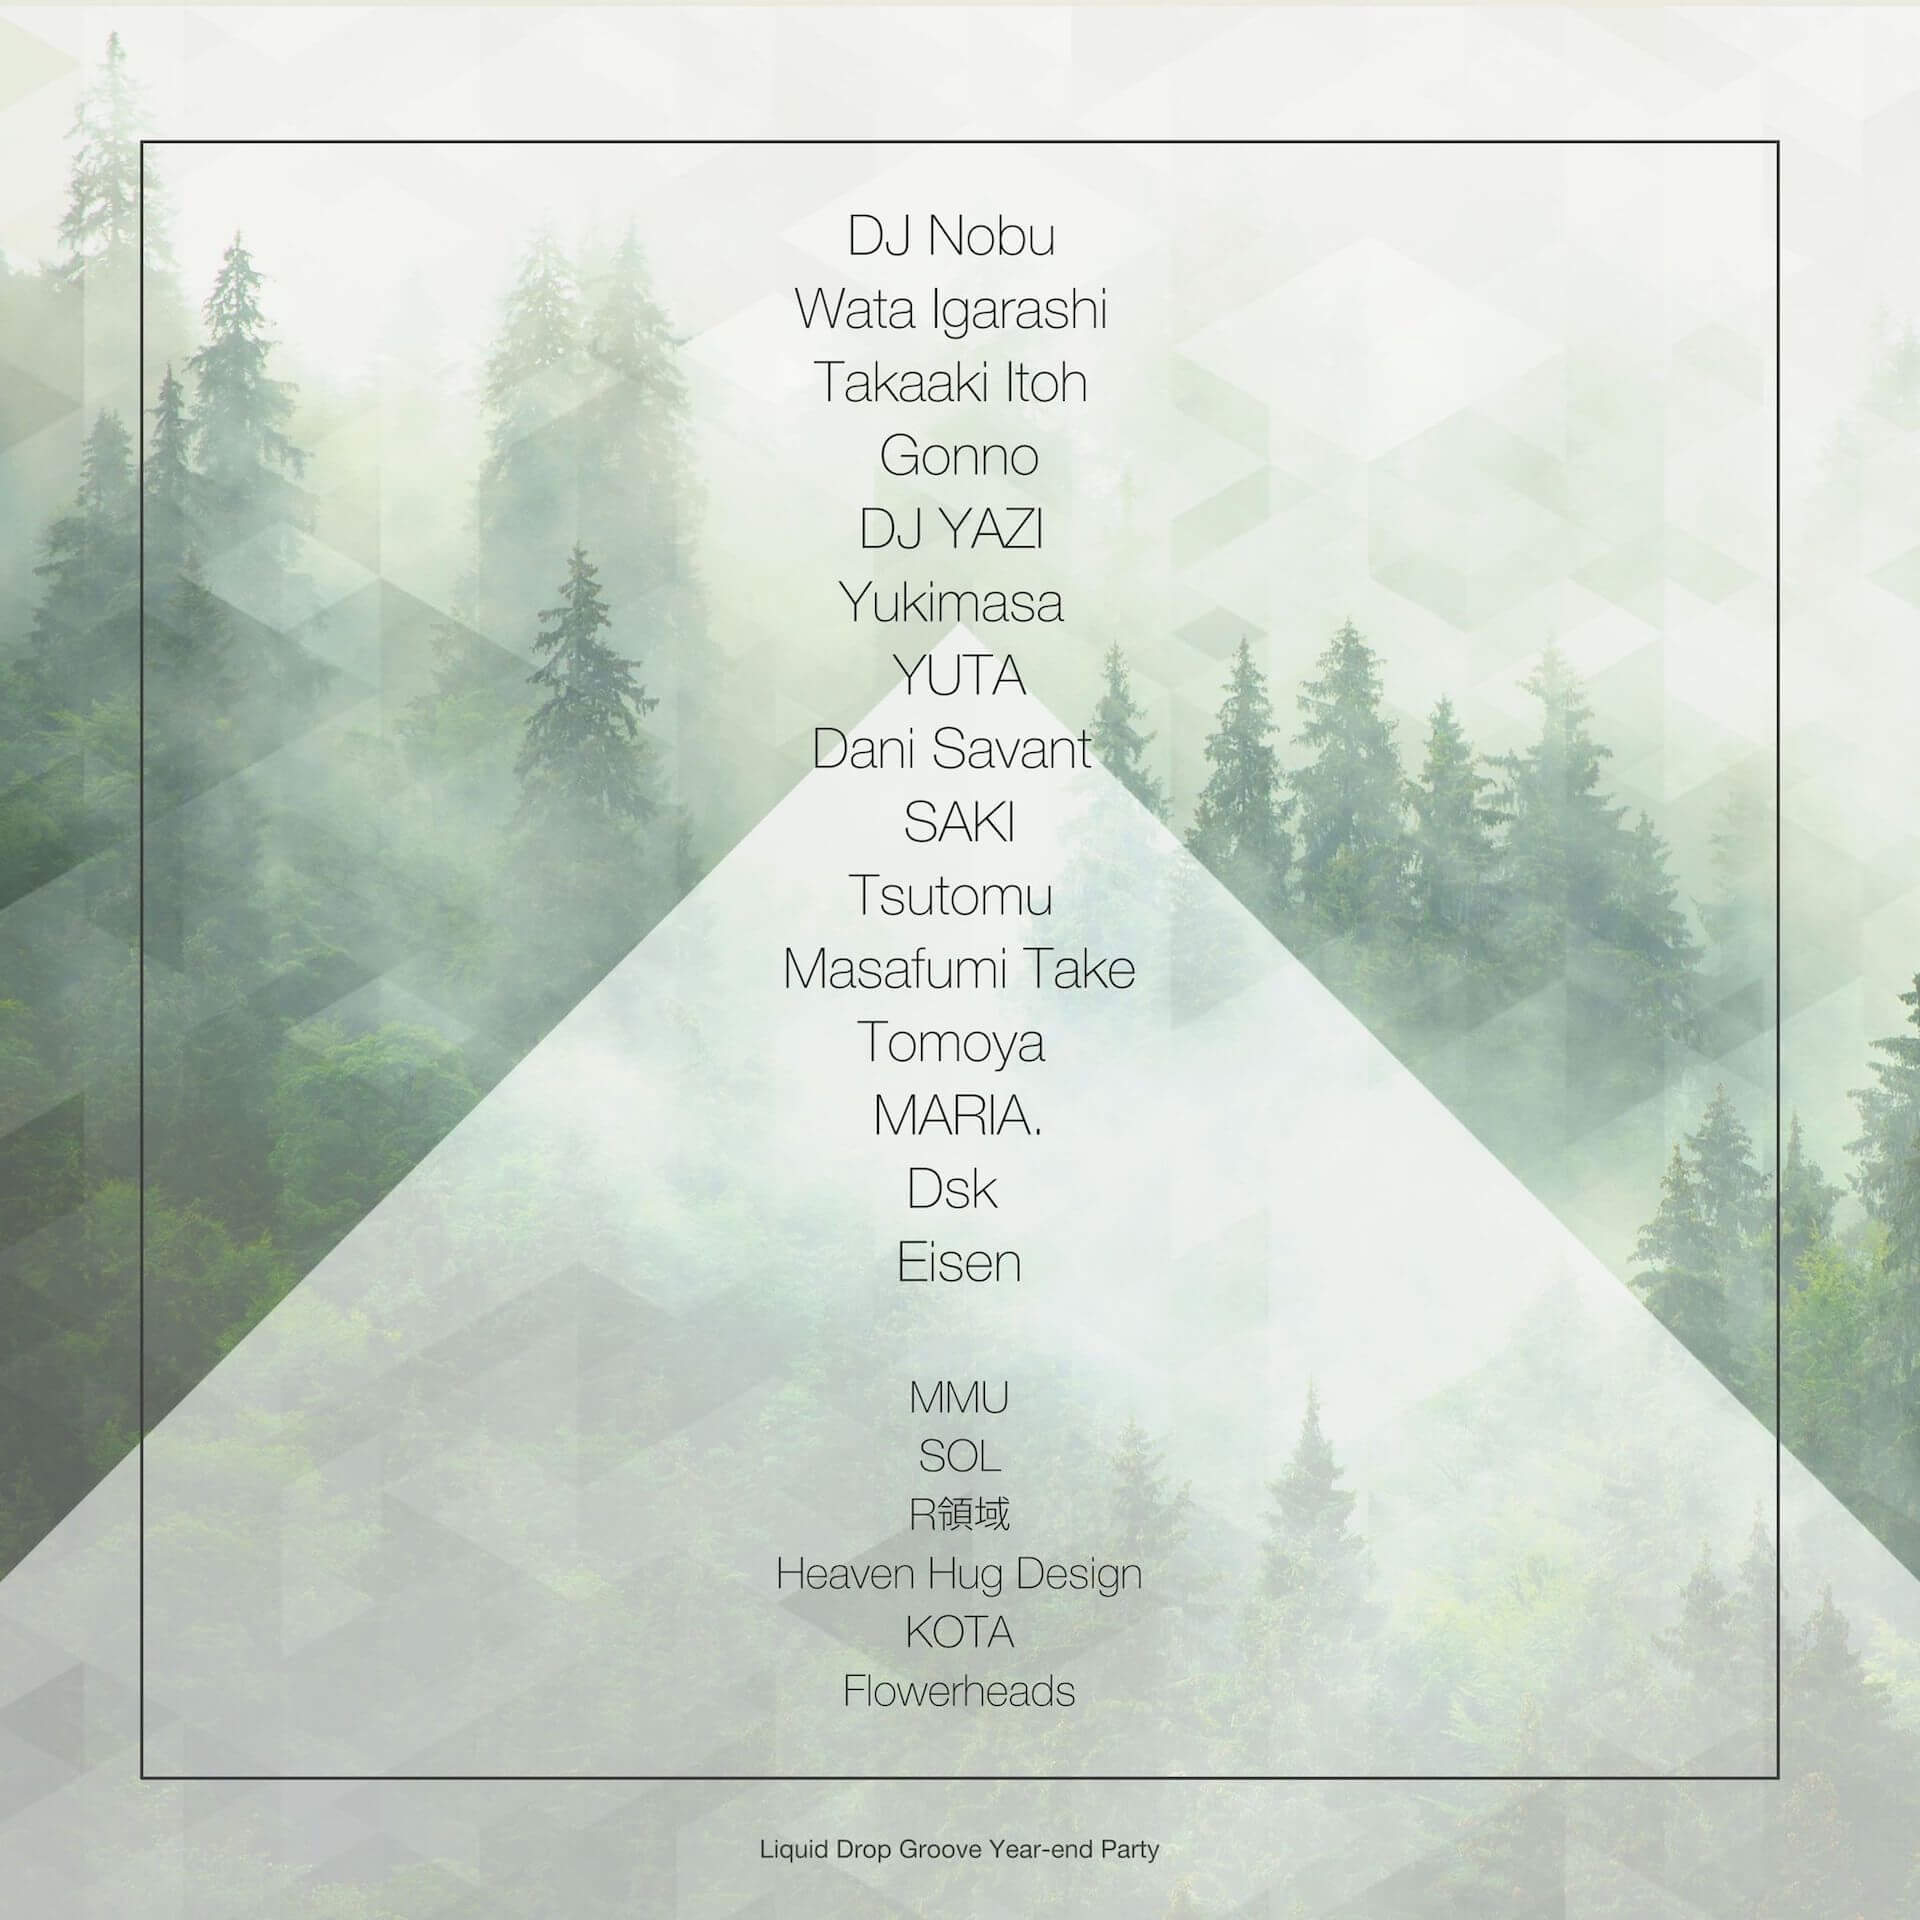 東京拠点のテクノレーベル〈Liquid Drop Groove〉の忘年野外パーティーが開催決定!DJ Nobu、Wata Igarashi、Gonnoら多数ラインナップ music201201_ldg_1